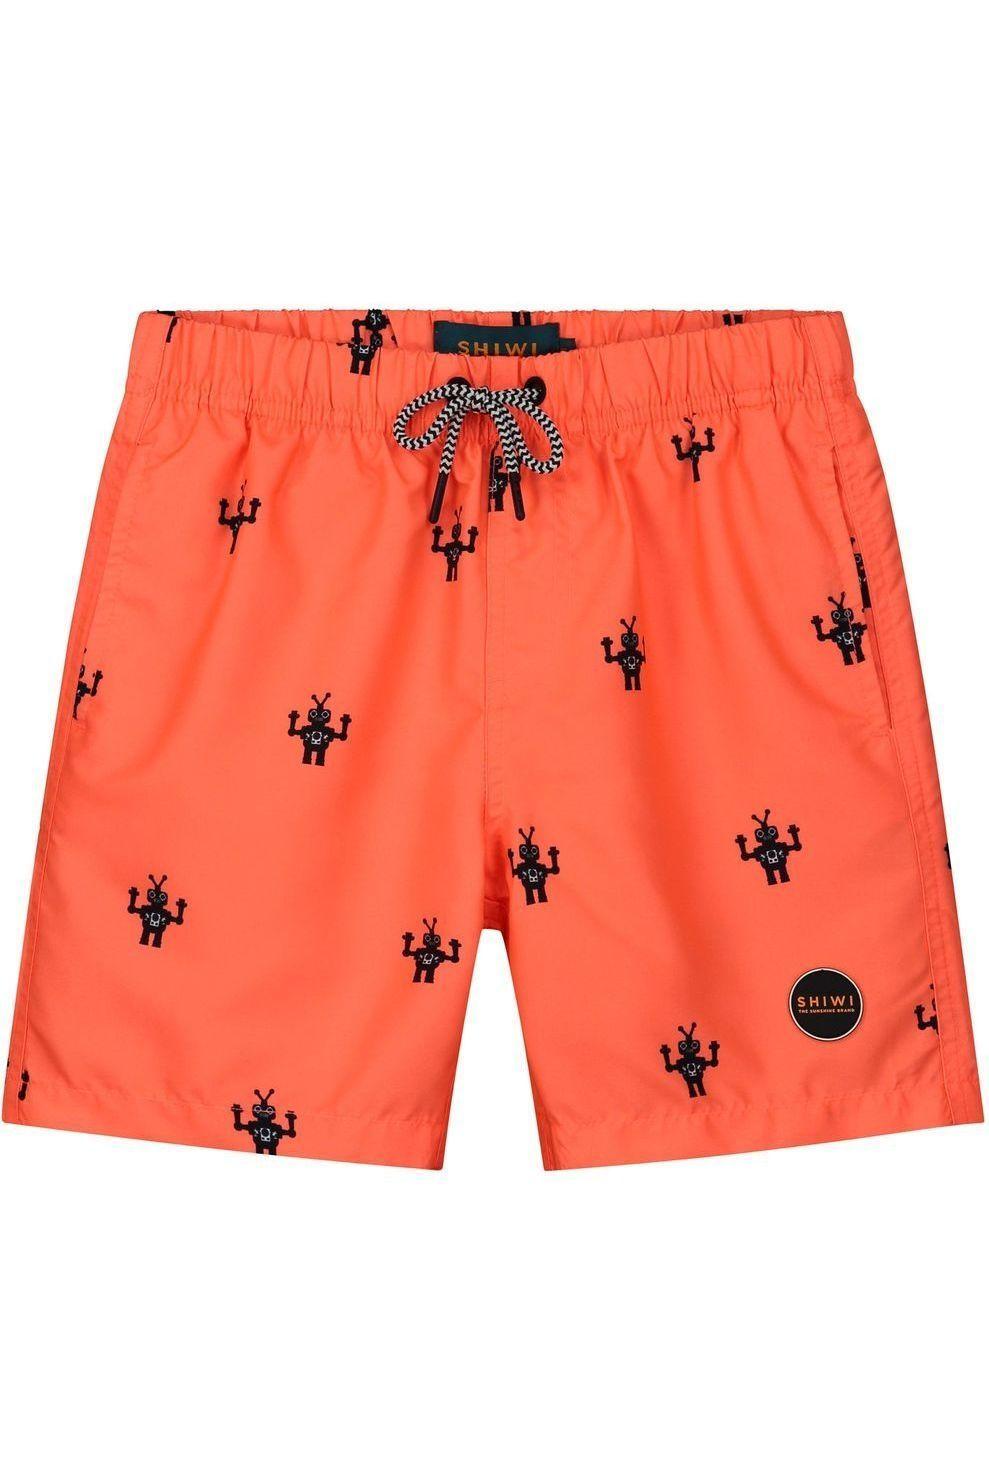 Shiwi Zwemshort Boys Robot voor jongens - Oranje/ Gemengd - Maten: 104, 116, 128, 140, 152, 164, 176